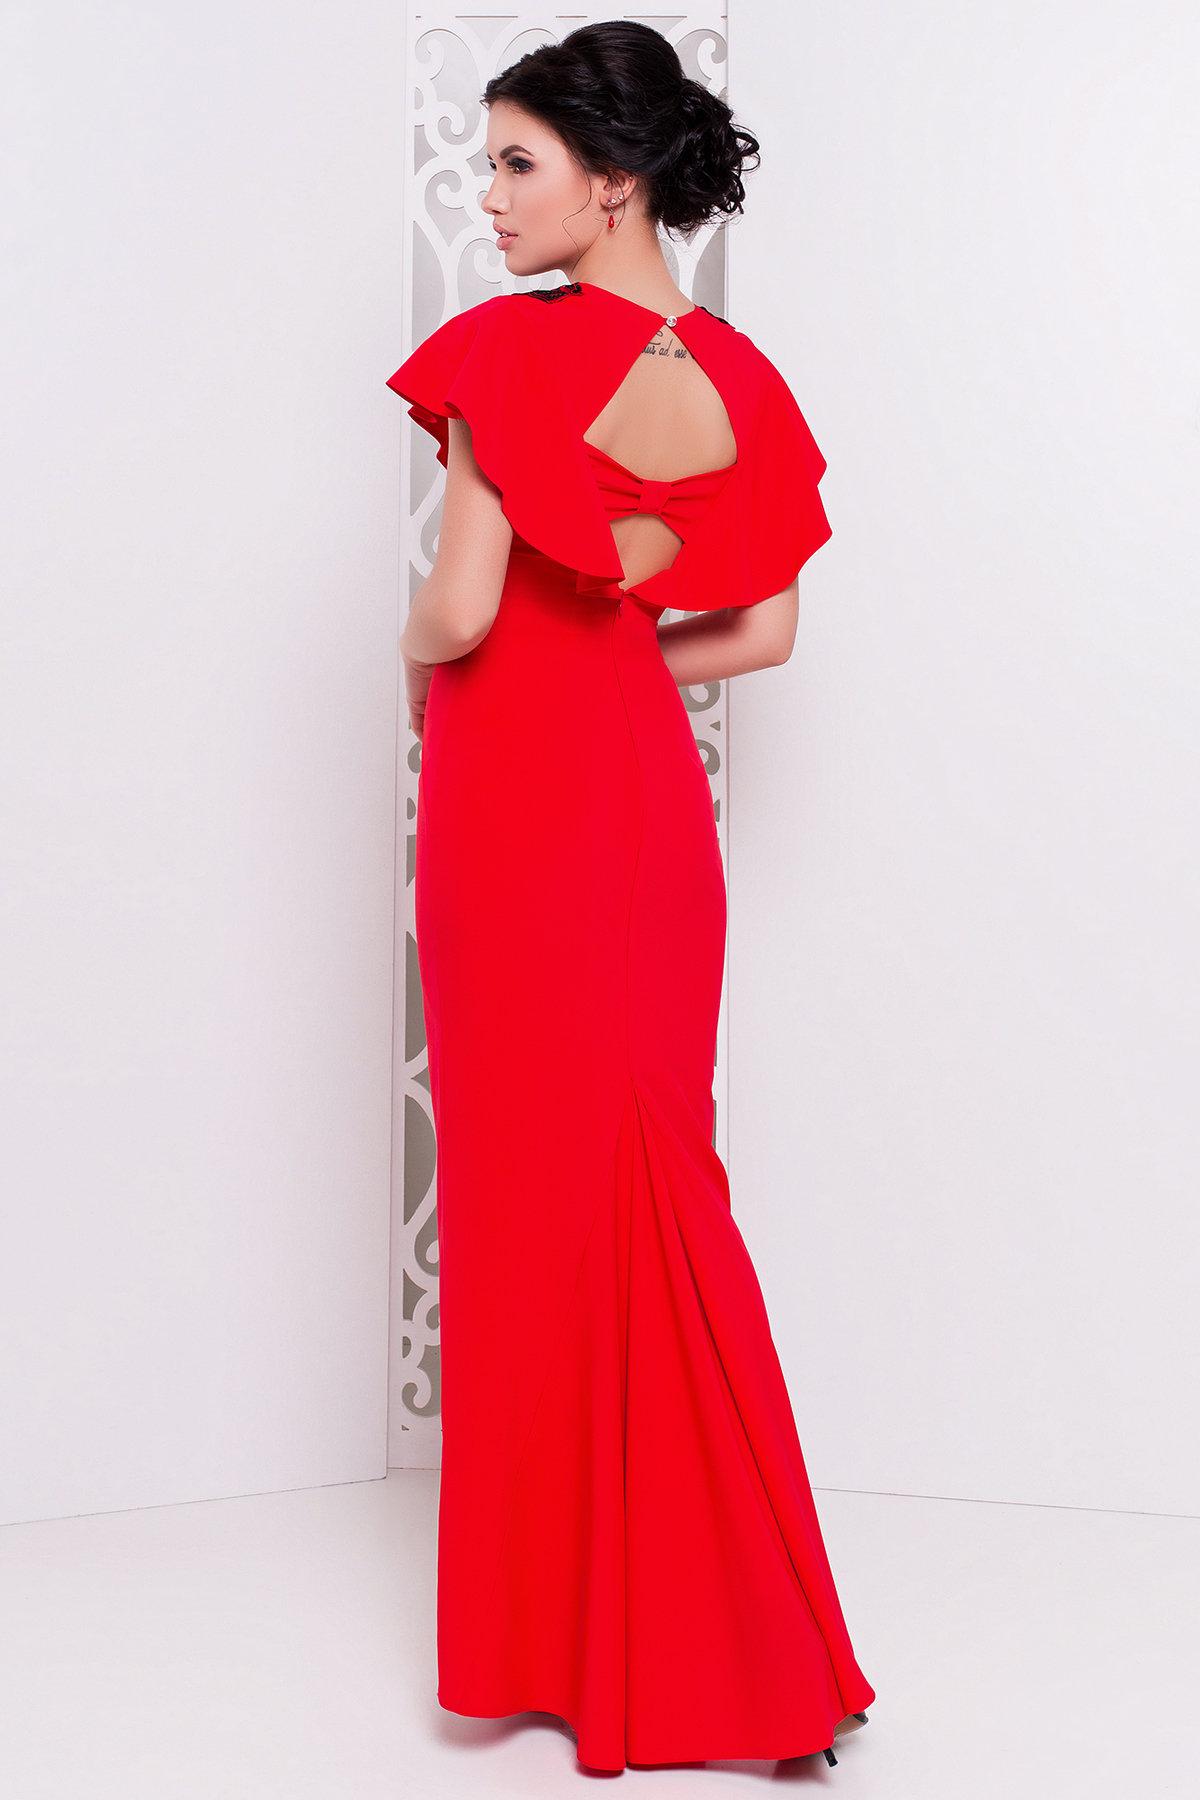 Платье Ариель 407 АРТ. 6704 Цвет: Красный - фото 2, интернет магазин tm-modus.ru